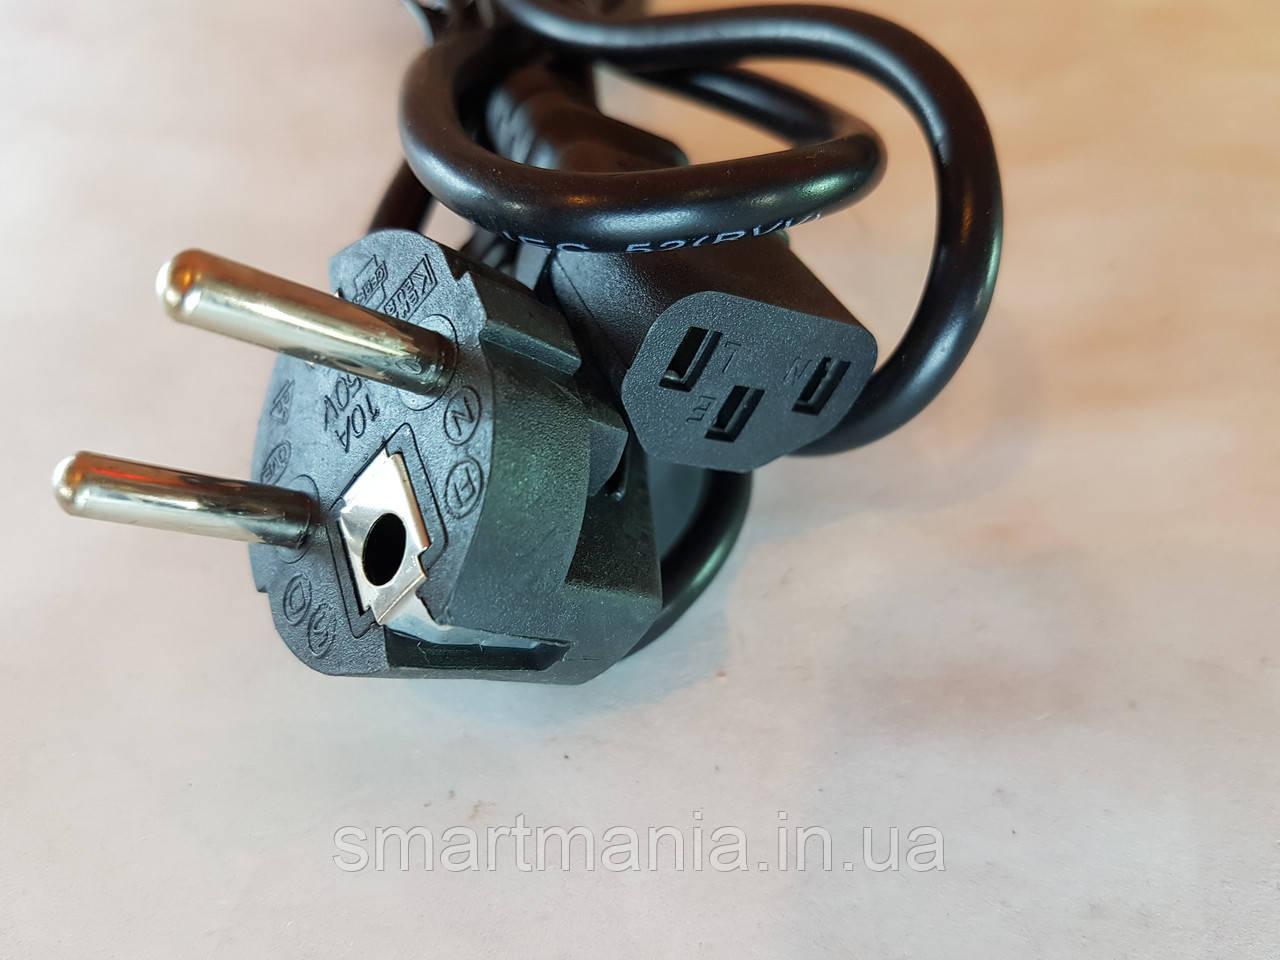 Сетевой шнур для весов, кабель питания, шнур сетевой компьютера, весов 1.5м евровилка